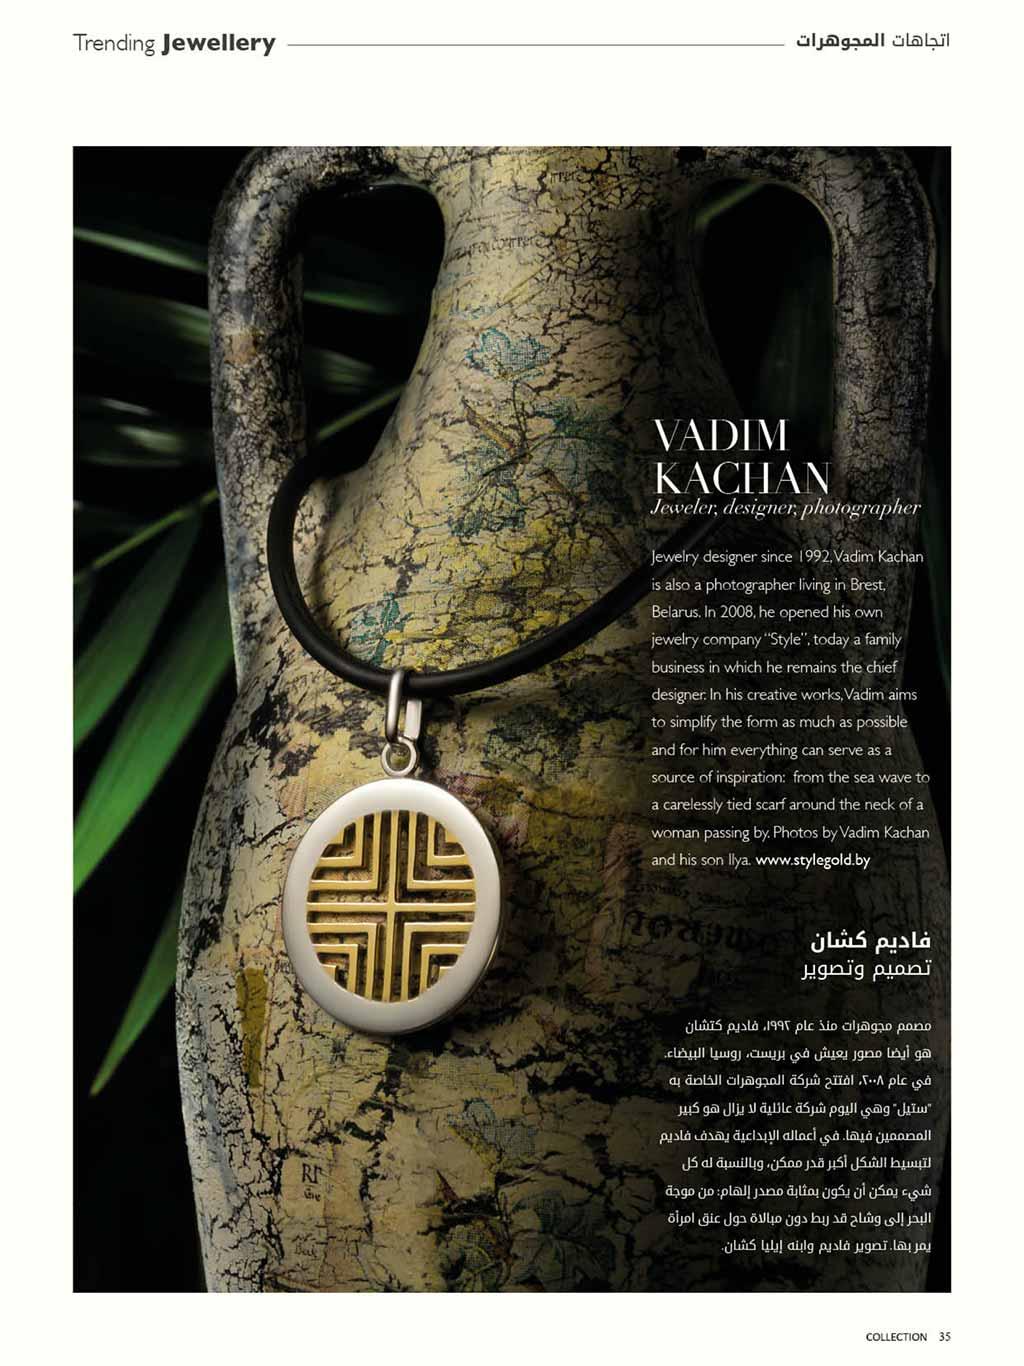 На амфоре серебряная подвеска с позолотой от Вадима Качана, статья в журнале Collection Pan-Arab Luxury Magazine